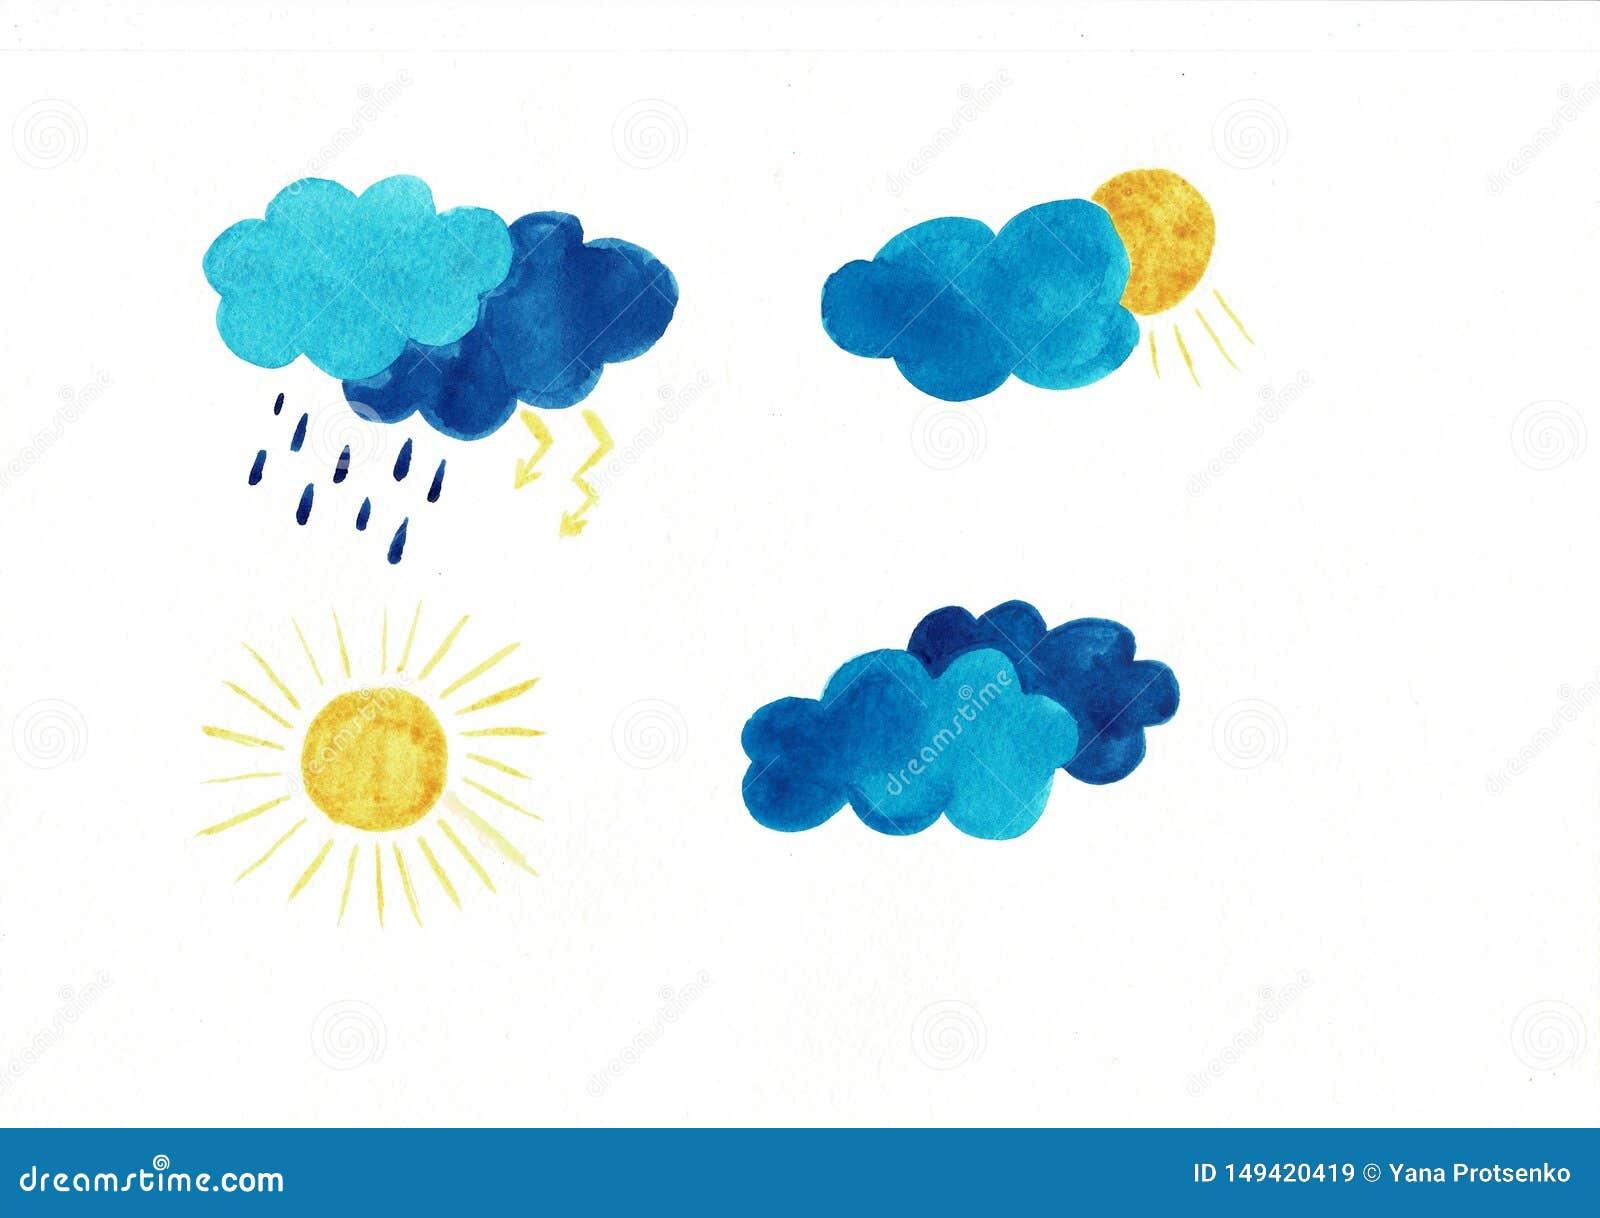 Установите значков погоды акварели Облака Солнца идут дождь падения снежинки бушуют Улучшите для стикера или веб-дизайна изолиров